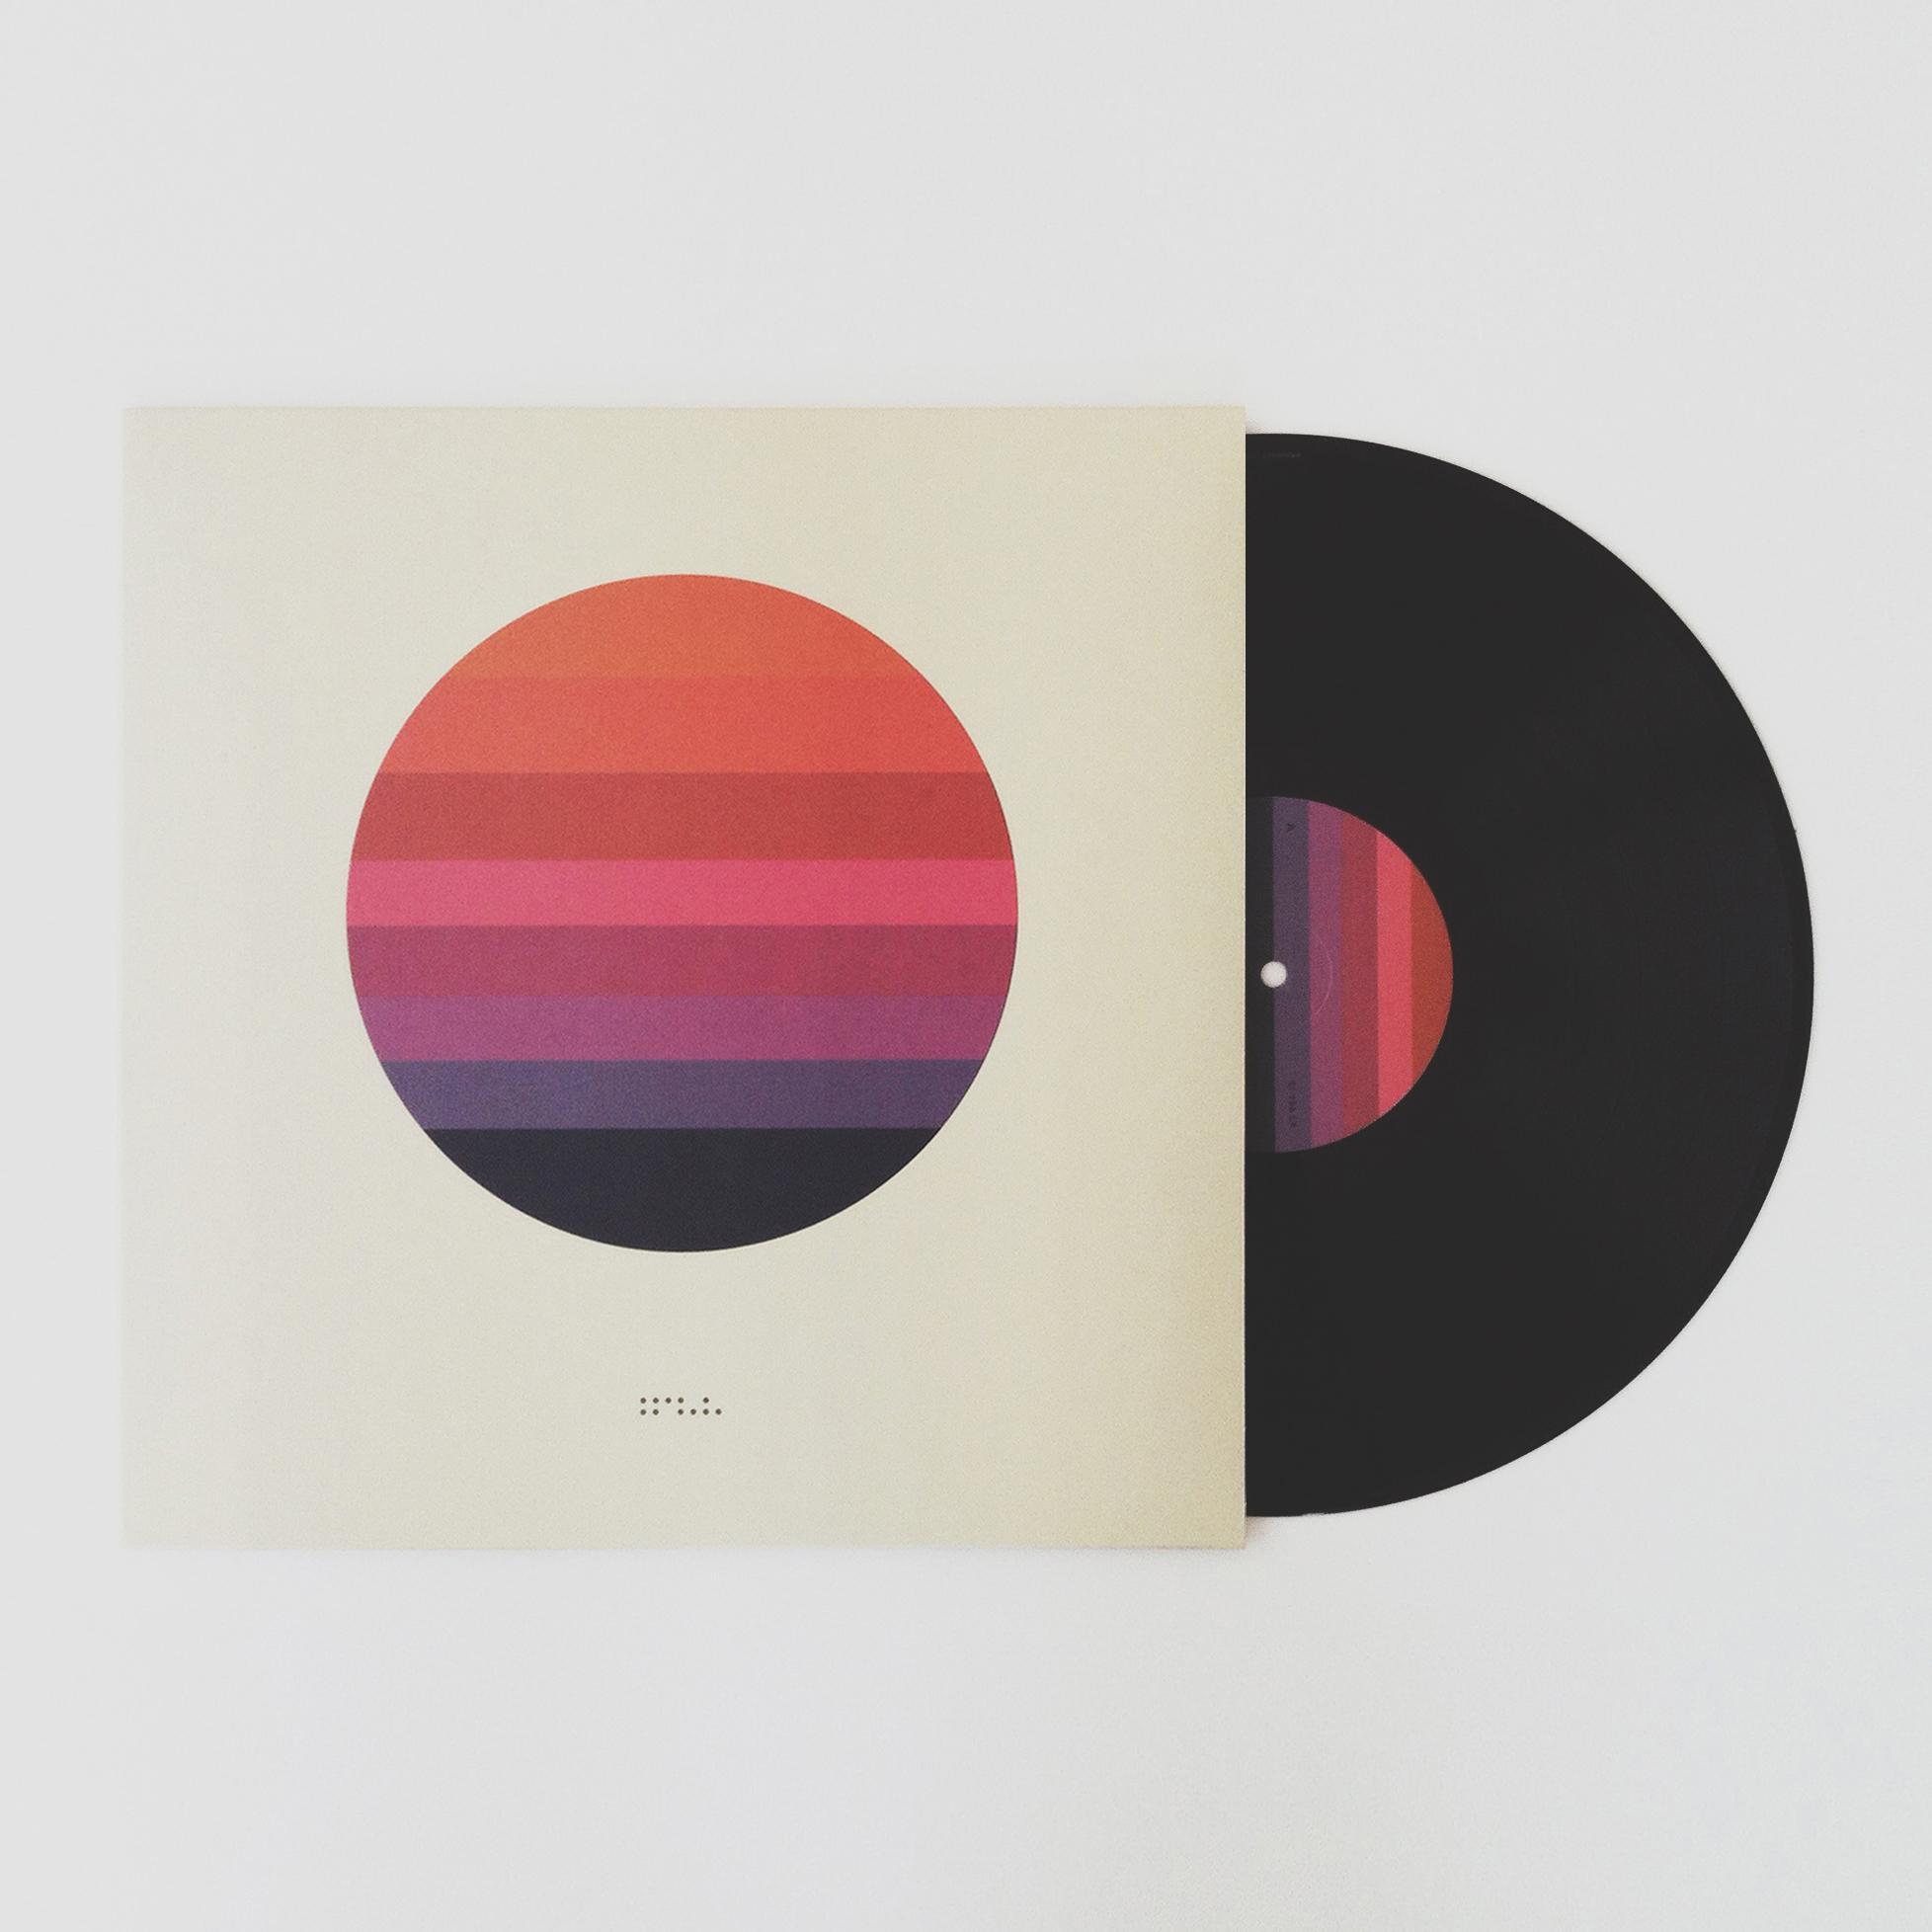 Tycho - Awake vinyl